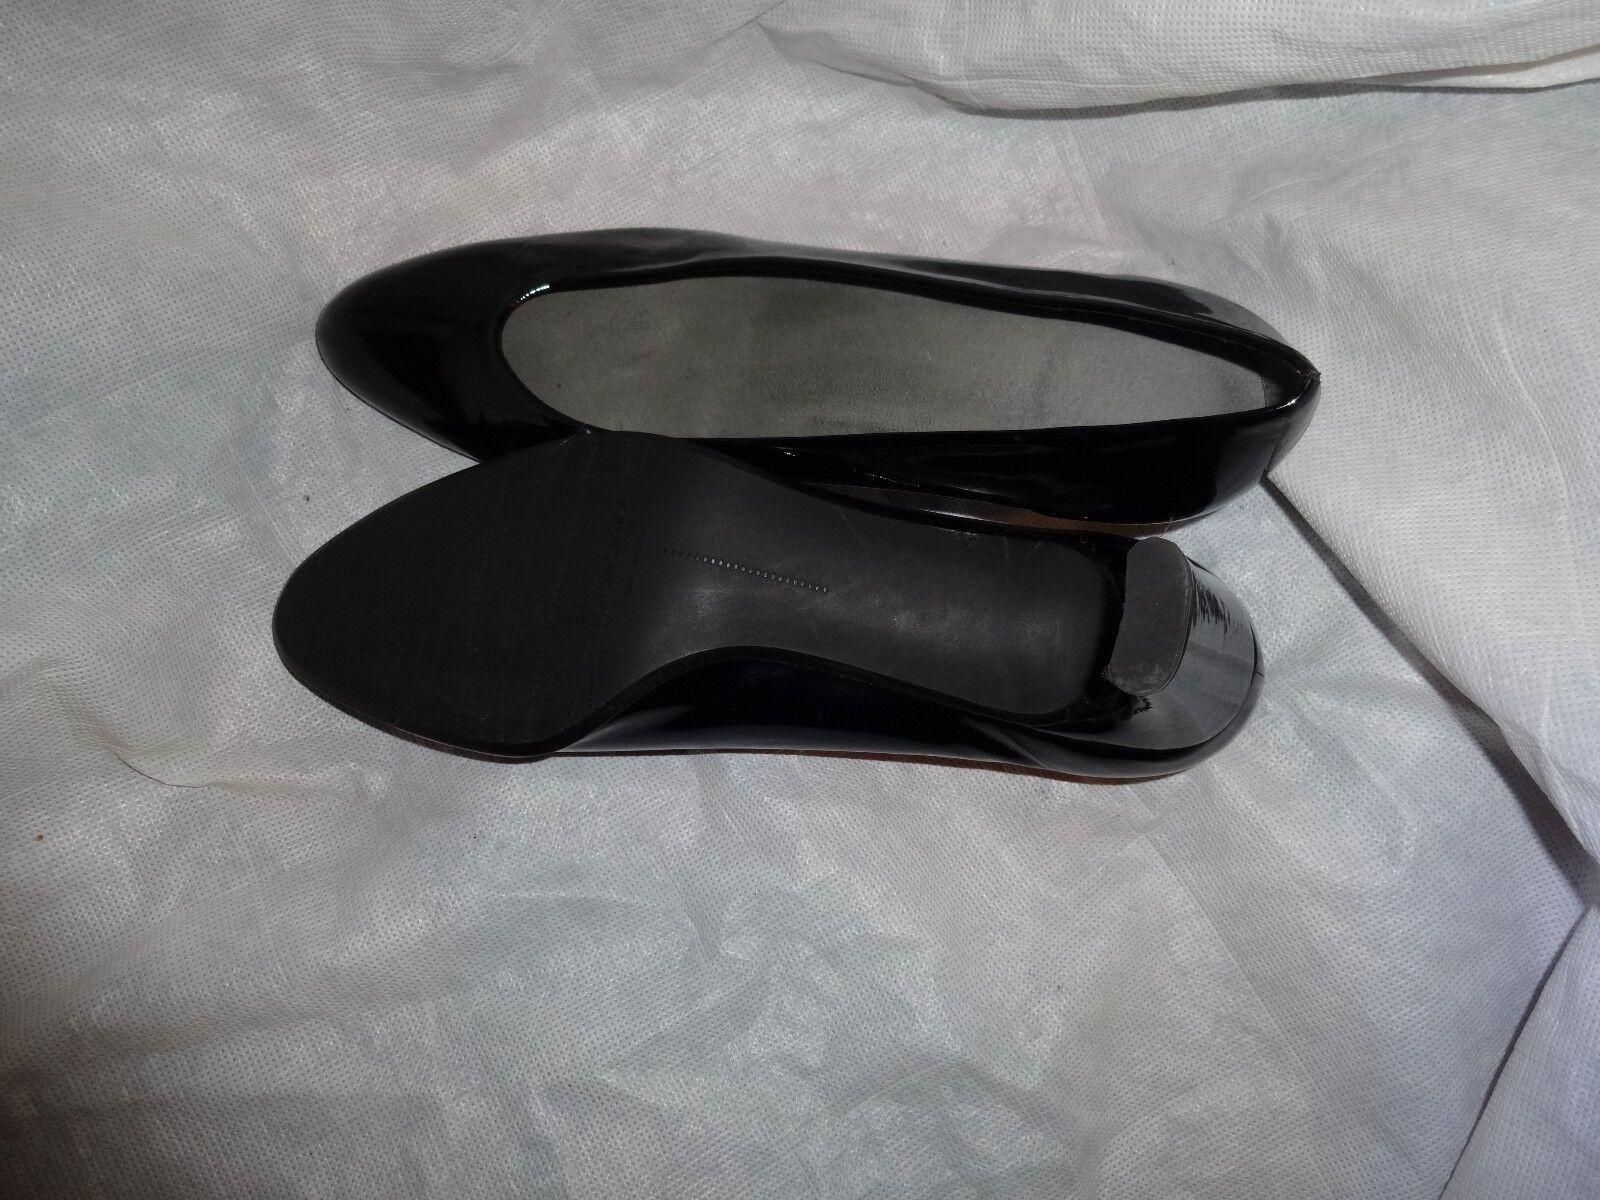 STUART WEITZMAN WOMEN BLACK LEATHER UK SLIP ON Schuhe SIZE UK LEATHER 7 EU 40 US 10 VGC c5c2cc